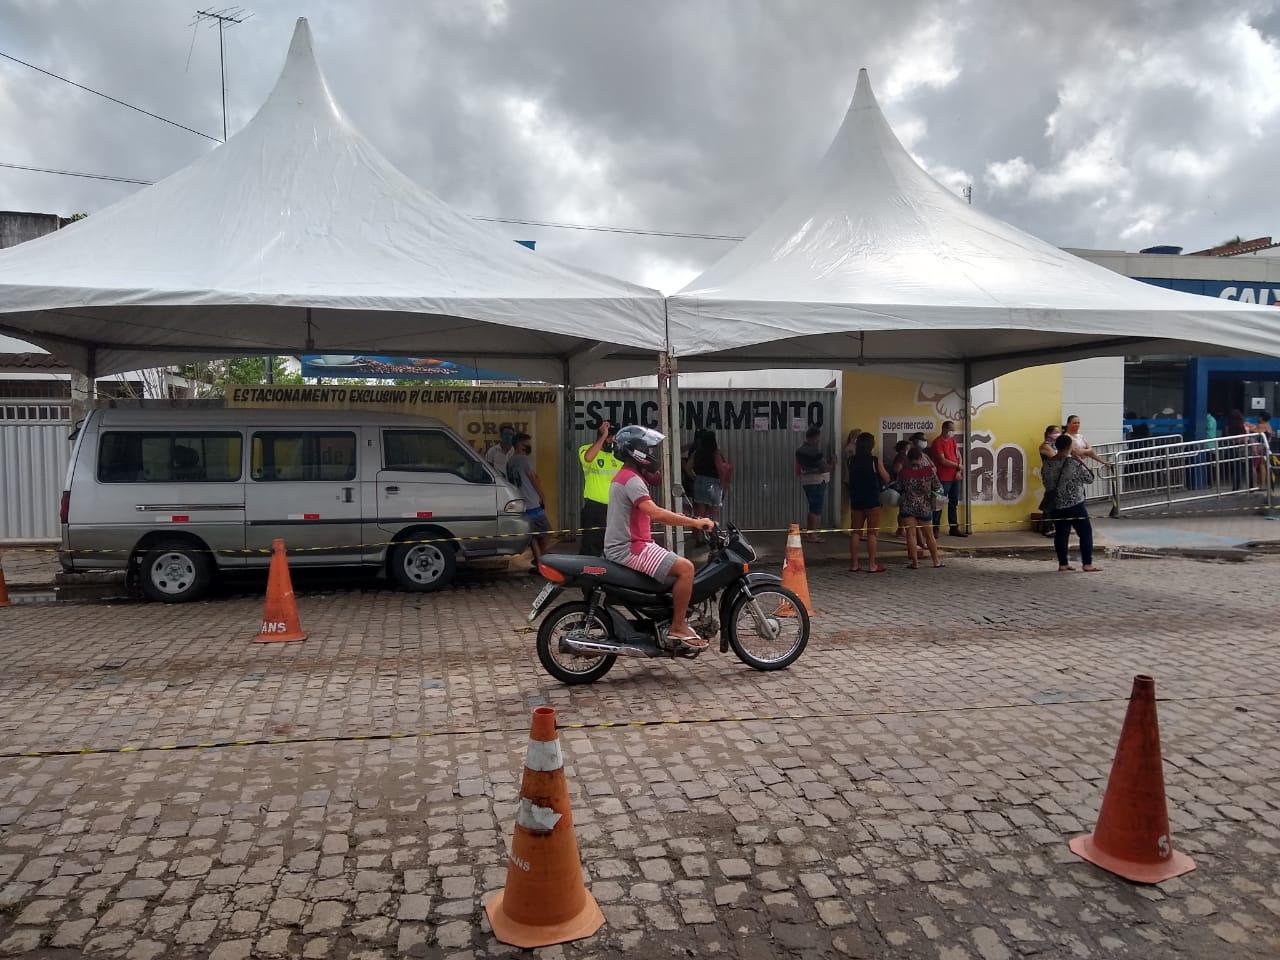 Prefeitura disponibiliza tendas e realiza ação educativa contra propagação da covid-19 com beneficiários do auxílio emergencial